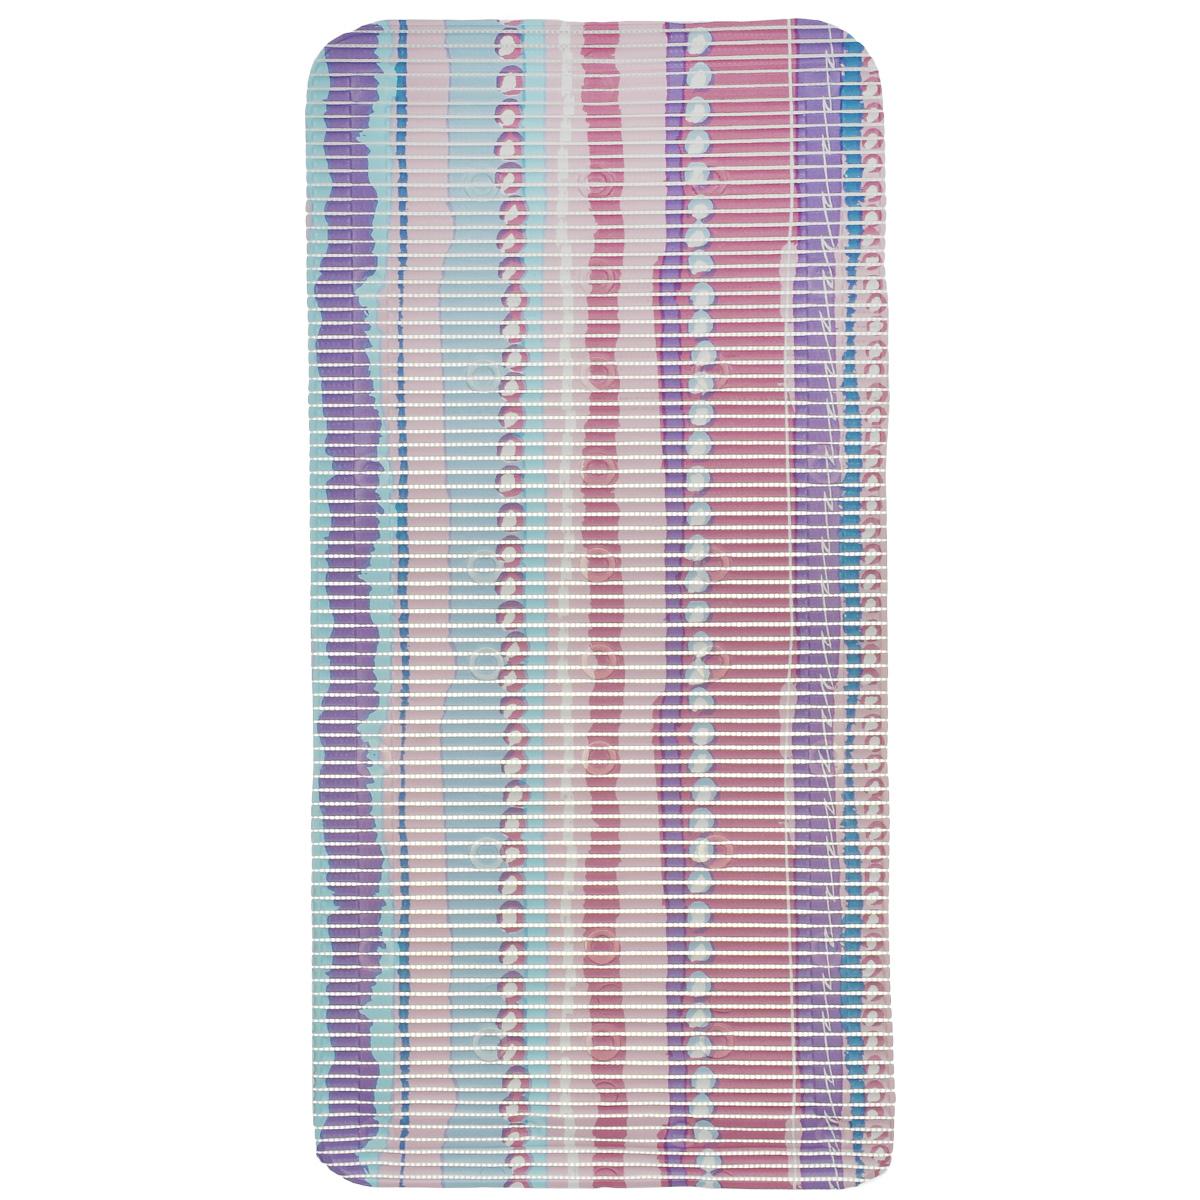 Коврик для ванной Fresh Code, на присосках, цвет: розовый, 90 см х 43 см391602Коврик для ванной Fresh Code из мягкого ПВХ создаст комфортное антискользящее покрытие в ванной. Крепится ко дну ванны при помощи присосок. Может также использоваться в качестве покрытия для ванной комнаты.Рекомендации по уходу: протрите коврик влажной губкой с мягким моющим средством, тщательно ополосните чистой водой и просушите.